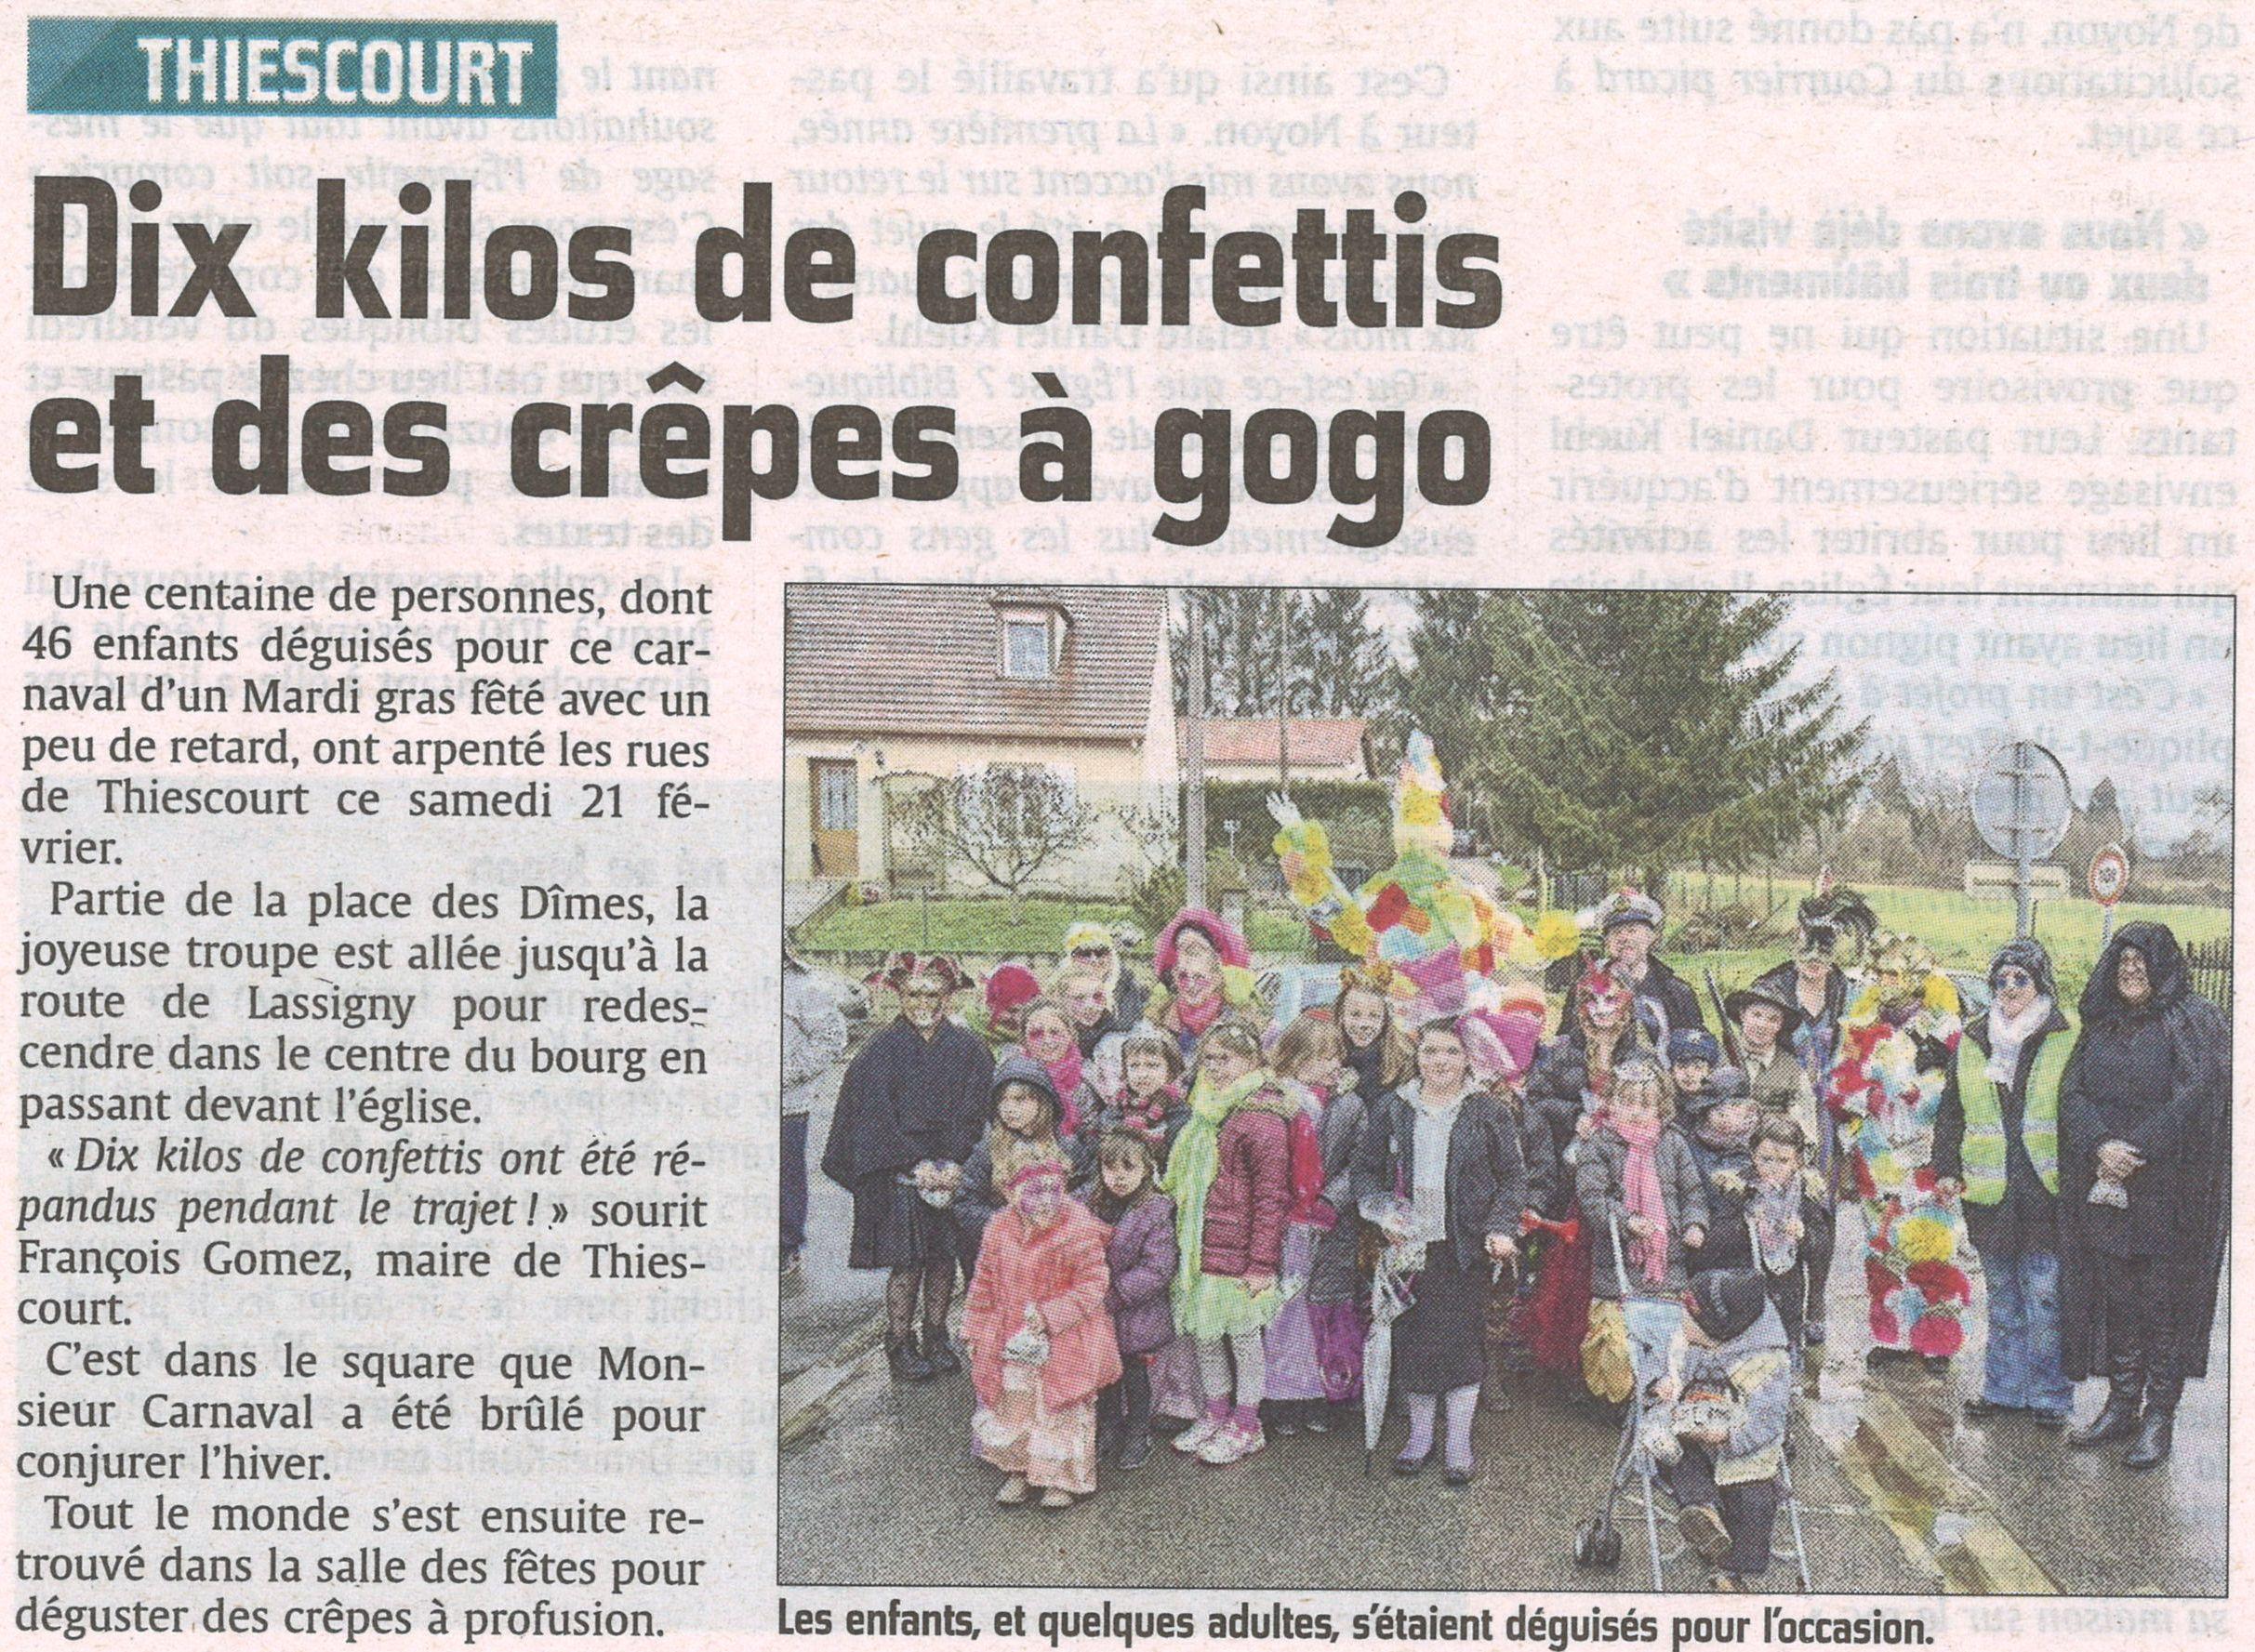 Carnaval de Thiescourt Courrier Picard du 25 février 2015.